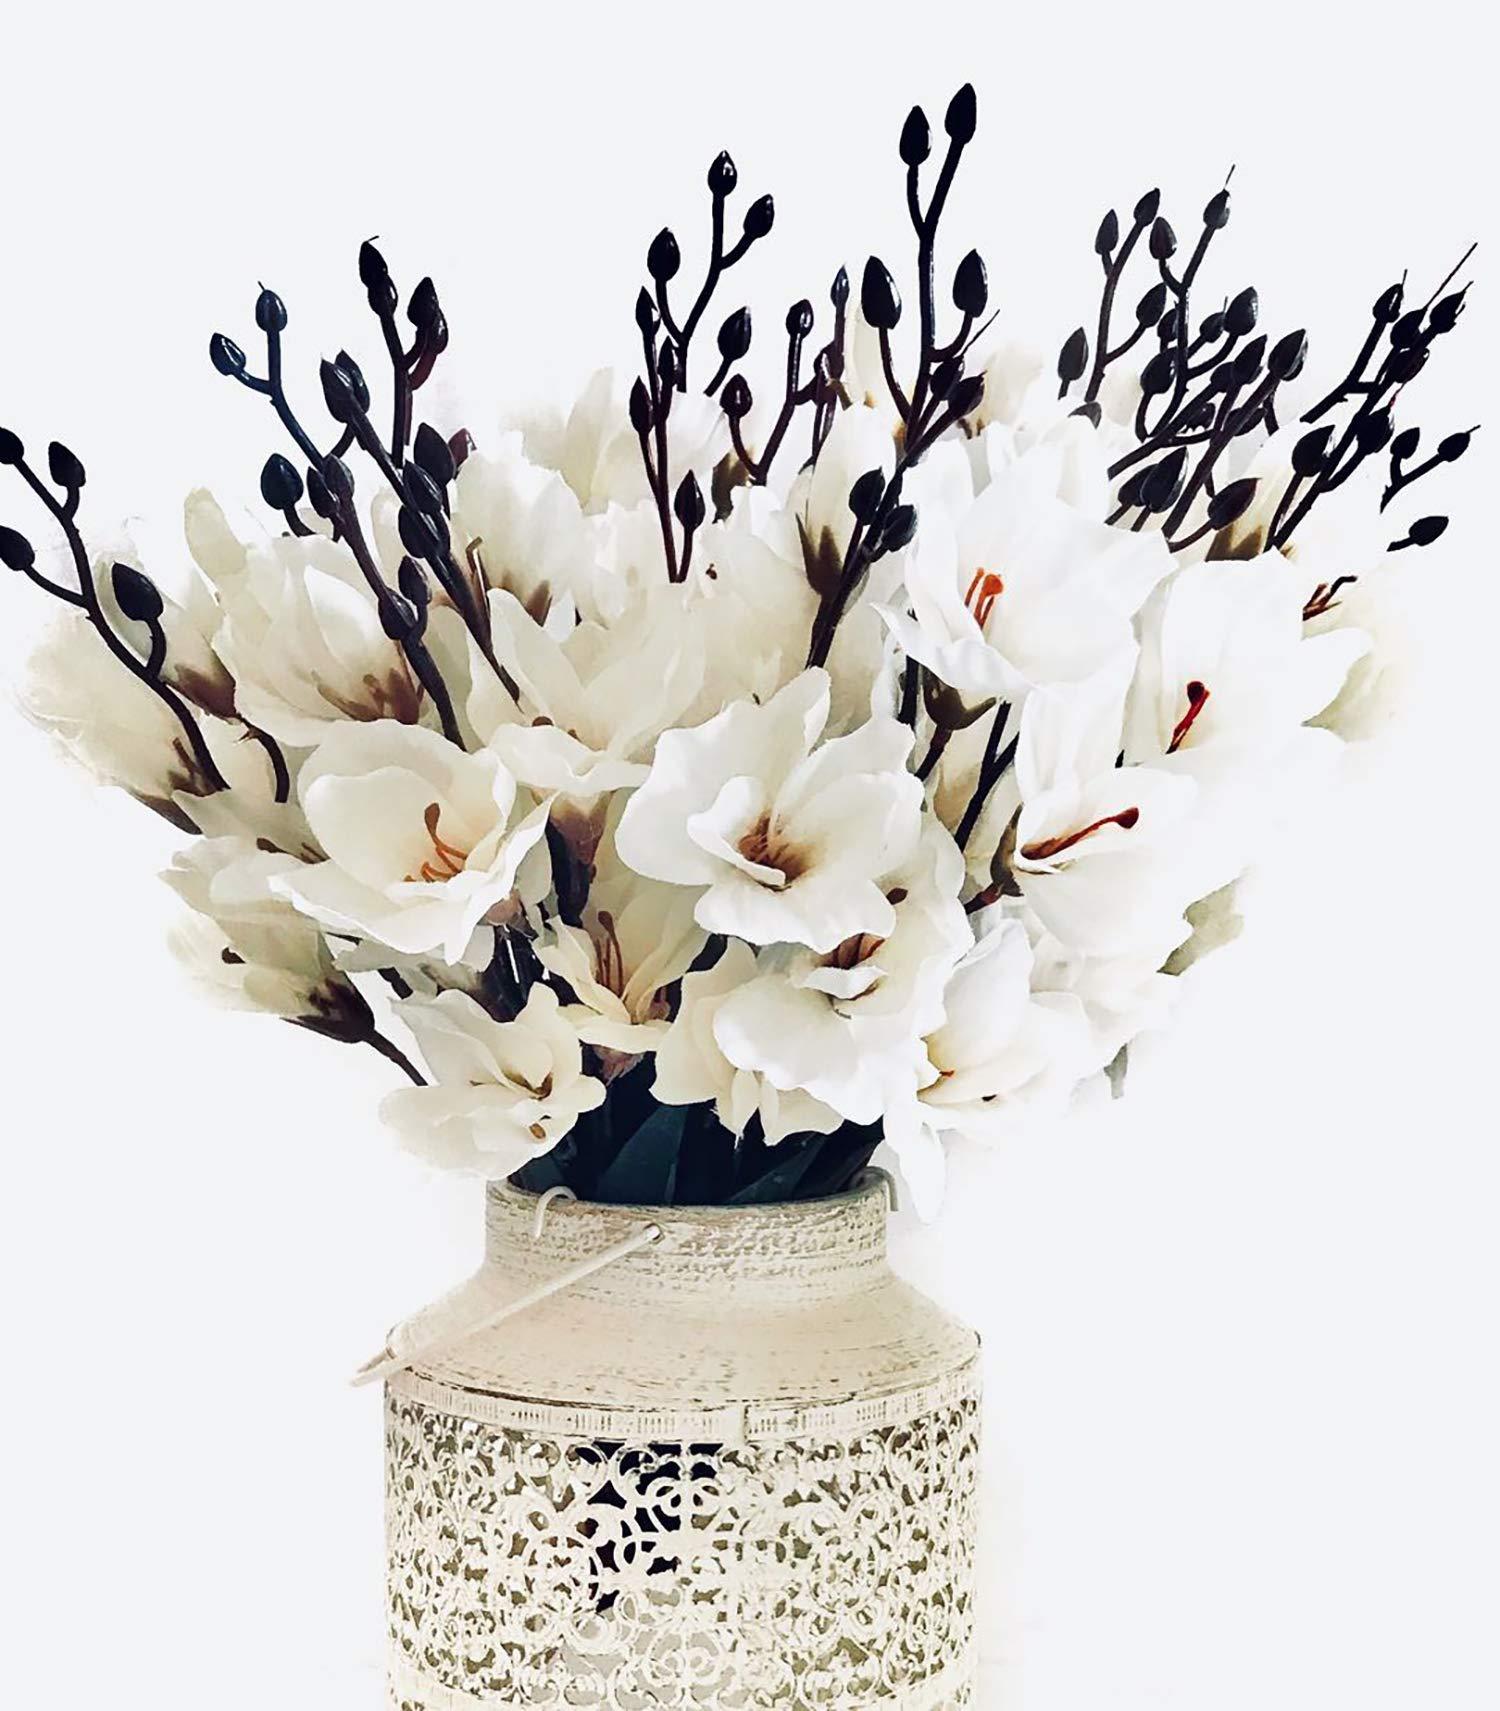 silk flower arrangements mr go shop 4pcs artificial flower artificial azalea fake faux primroses bouquet arrangements home garden table patio wedding party christmas decoration (17.7 inch)(no vase)